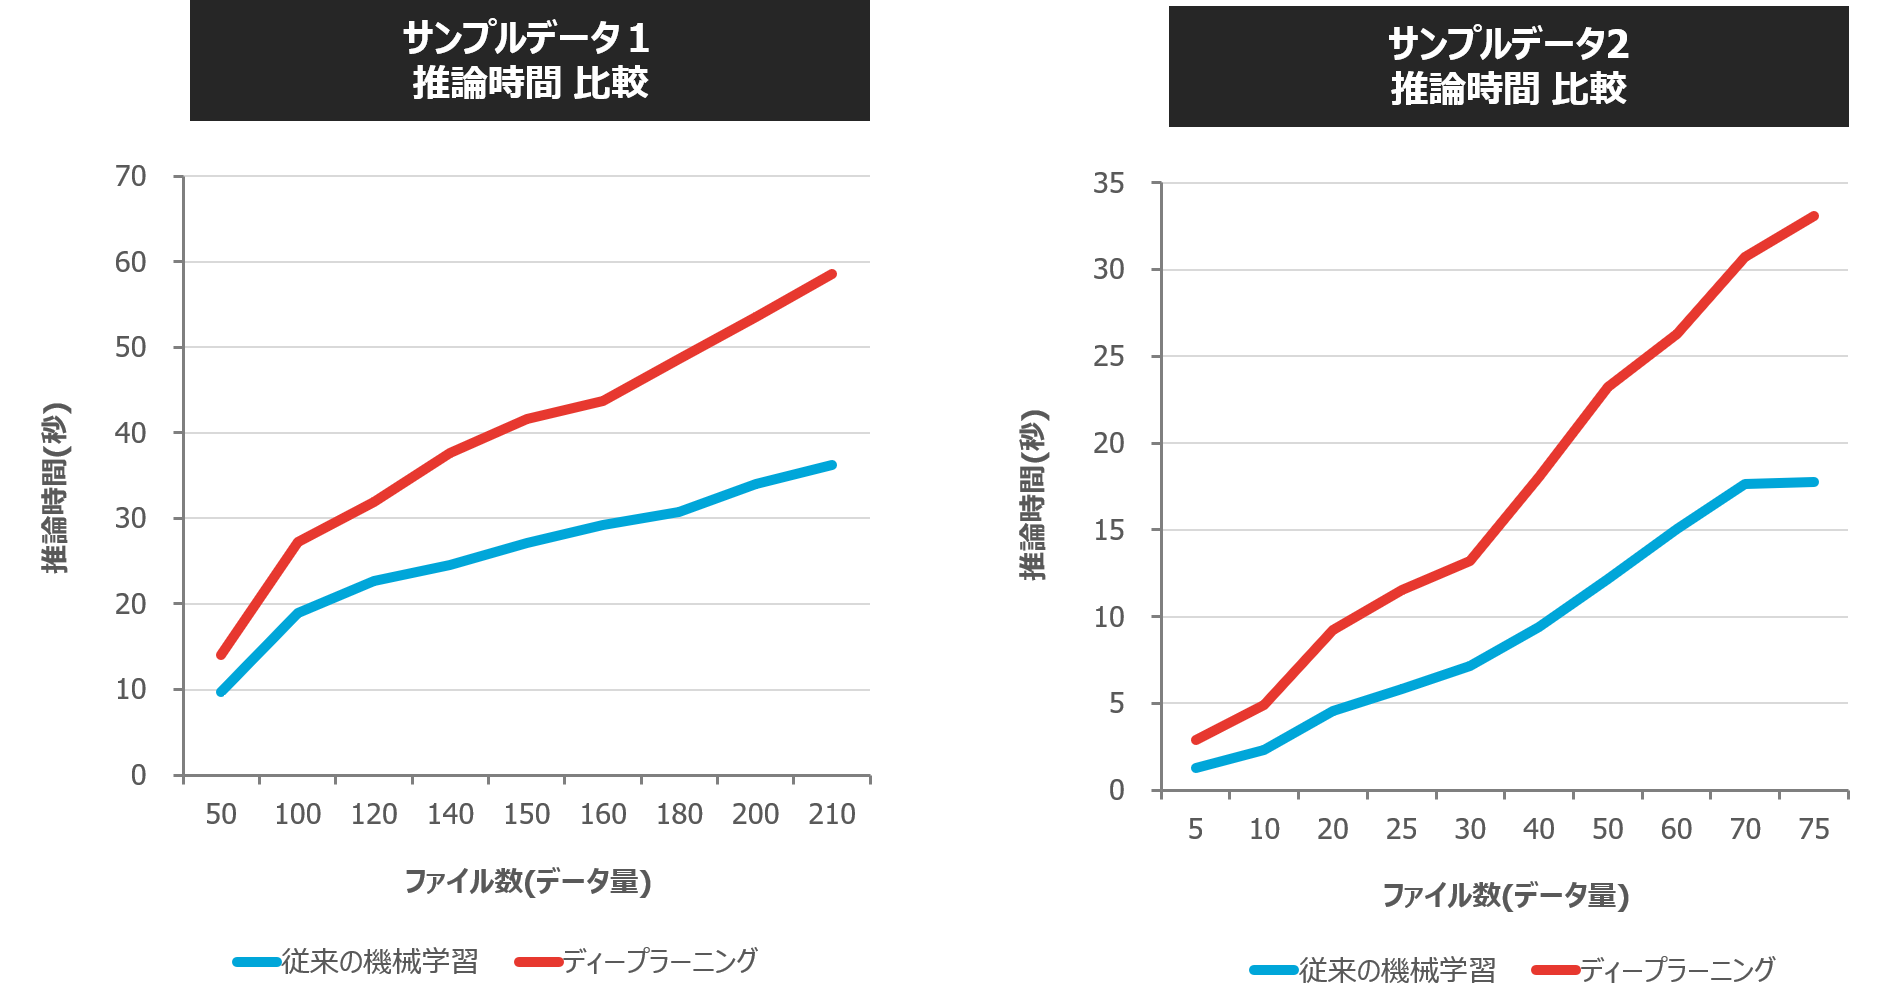 従来の機械学習とディープラーニングの処理時間(学習と推論)比較_2